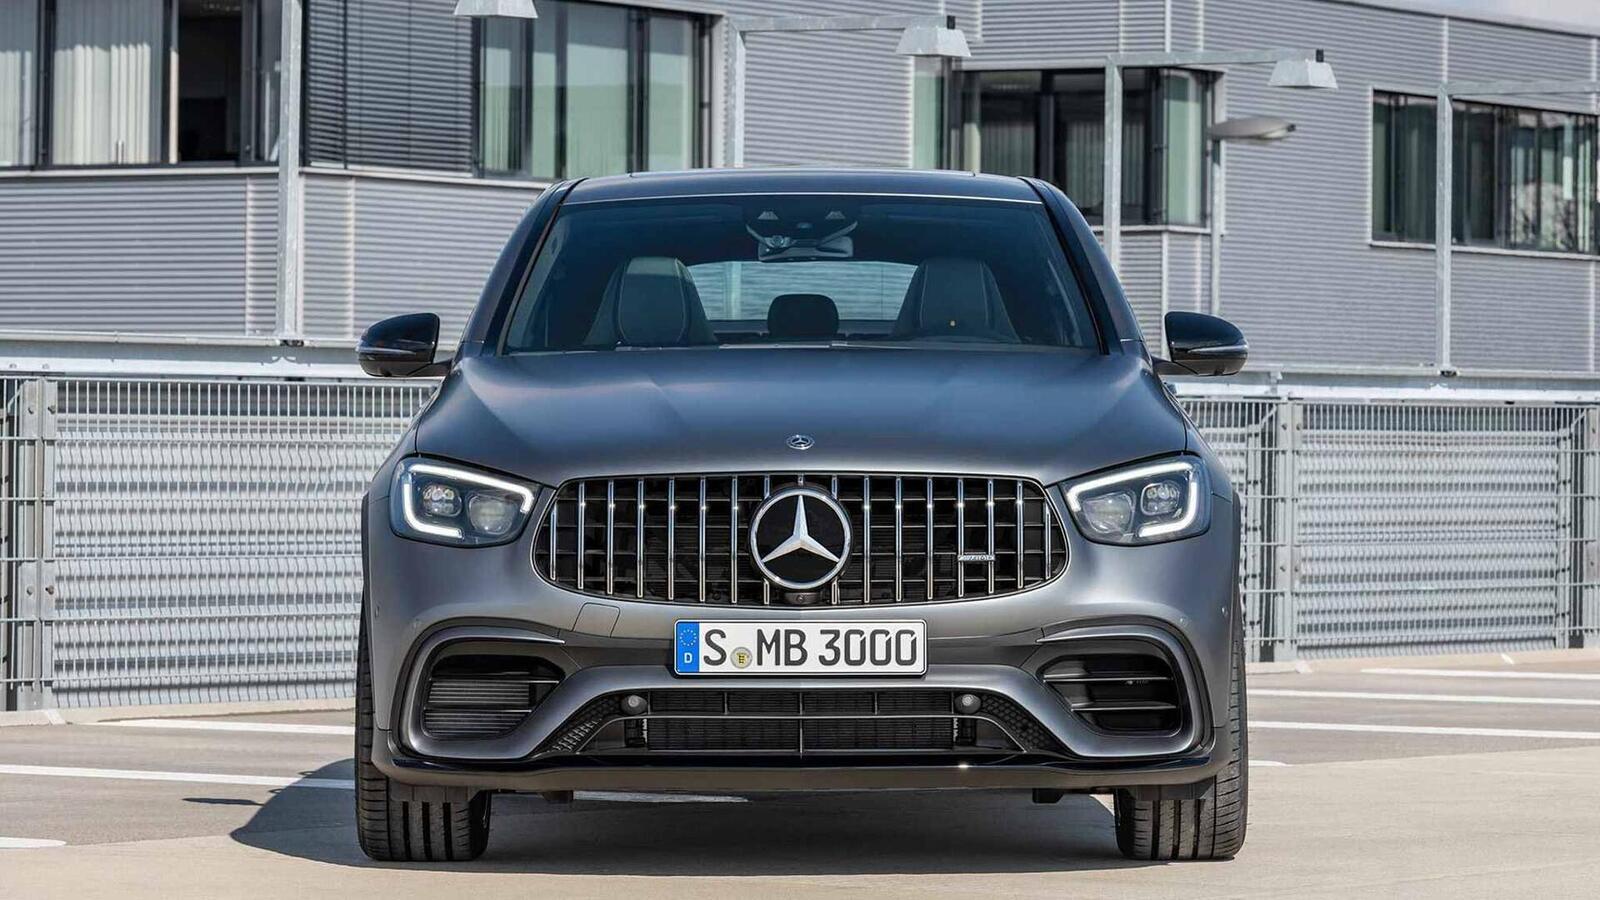 Mercedes-AMG giới thiệu GLC và GLC Coupe 63 mới lắp động cơ V8 4.0L Biturbo mạnh hơn 460 mã lực - Hình 24